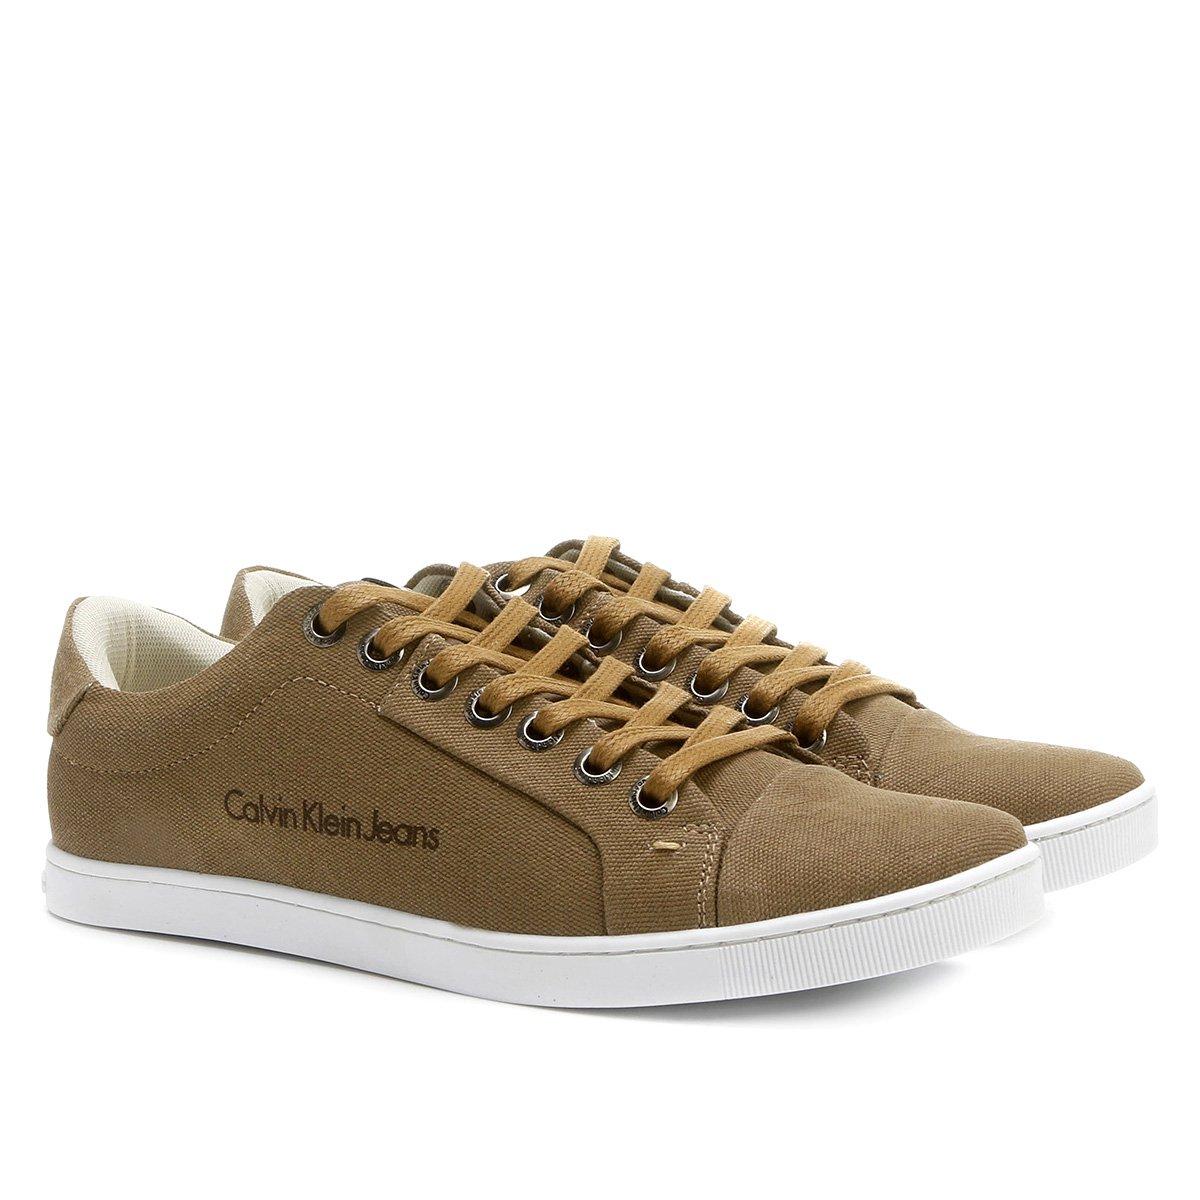 Tênis Calvin Klein Cano baixo - Compre Agora   Netshoes d793dfd6c0